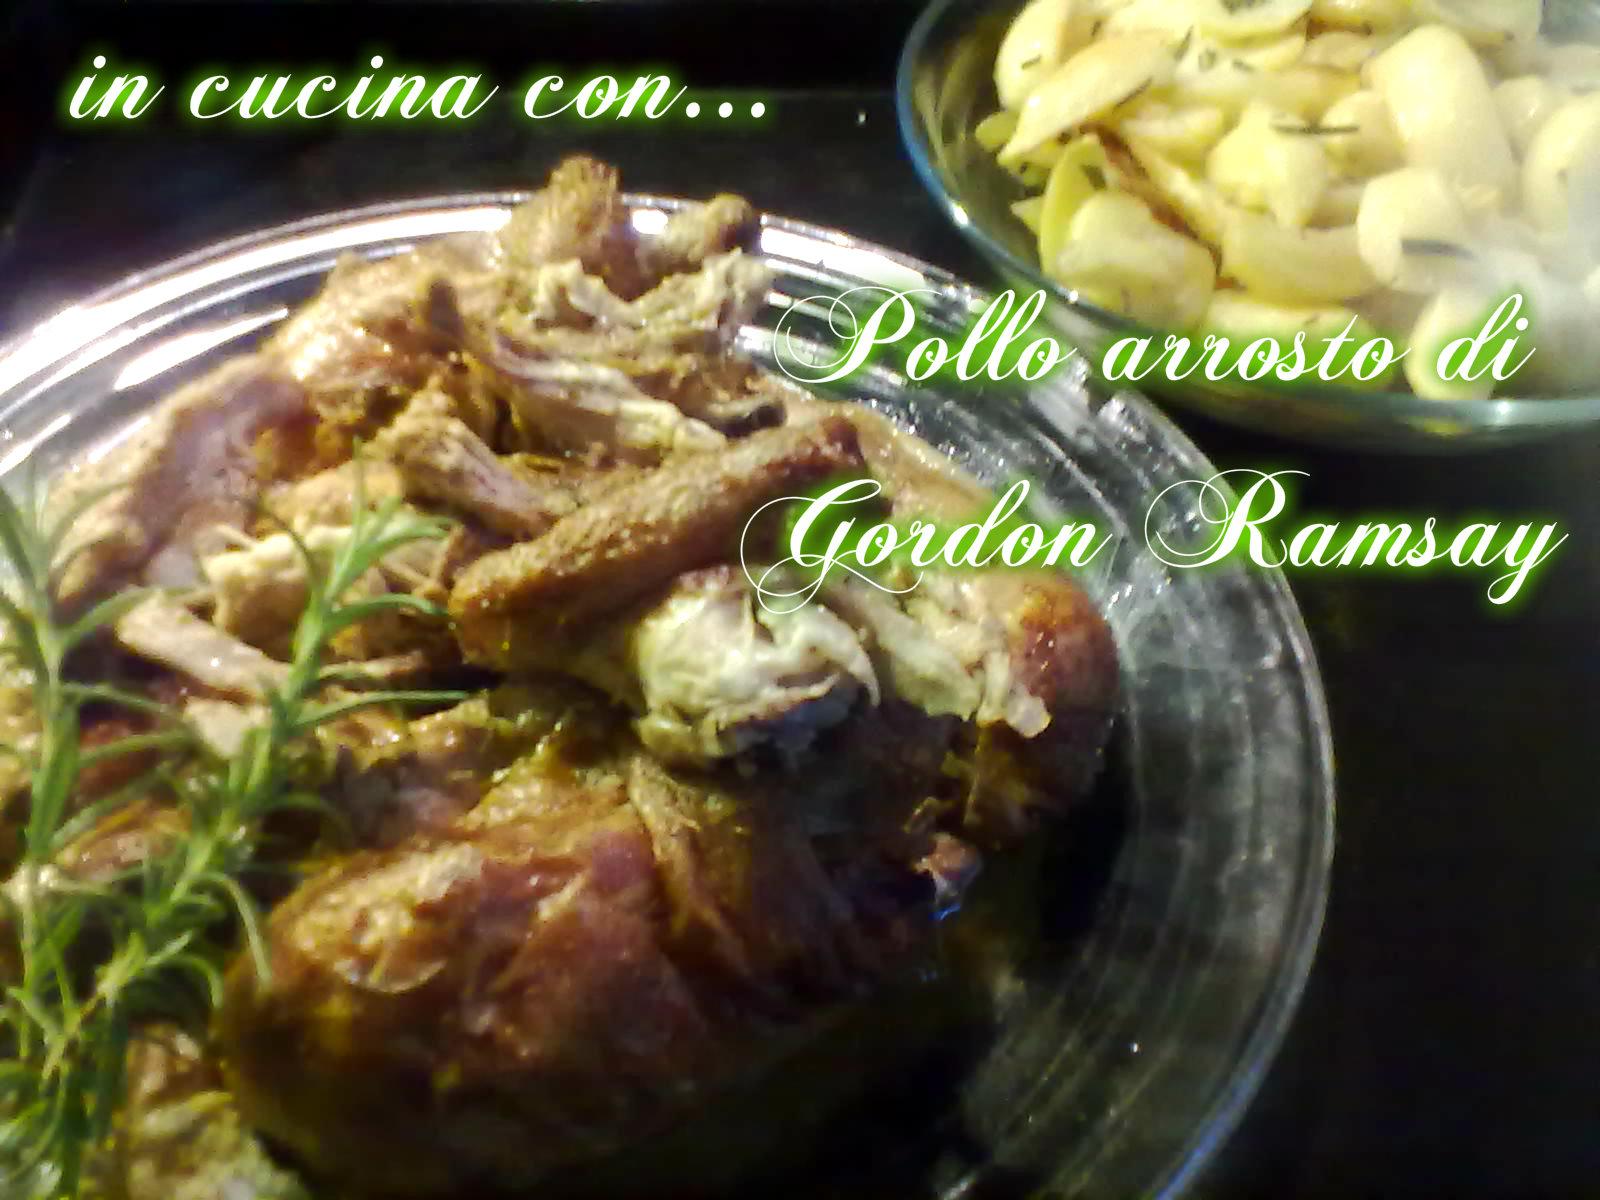 POLLO ARROSTO DI GORDON RAMSAY, ricetta facile